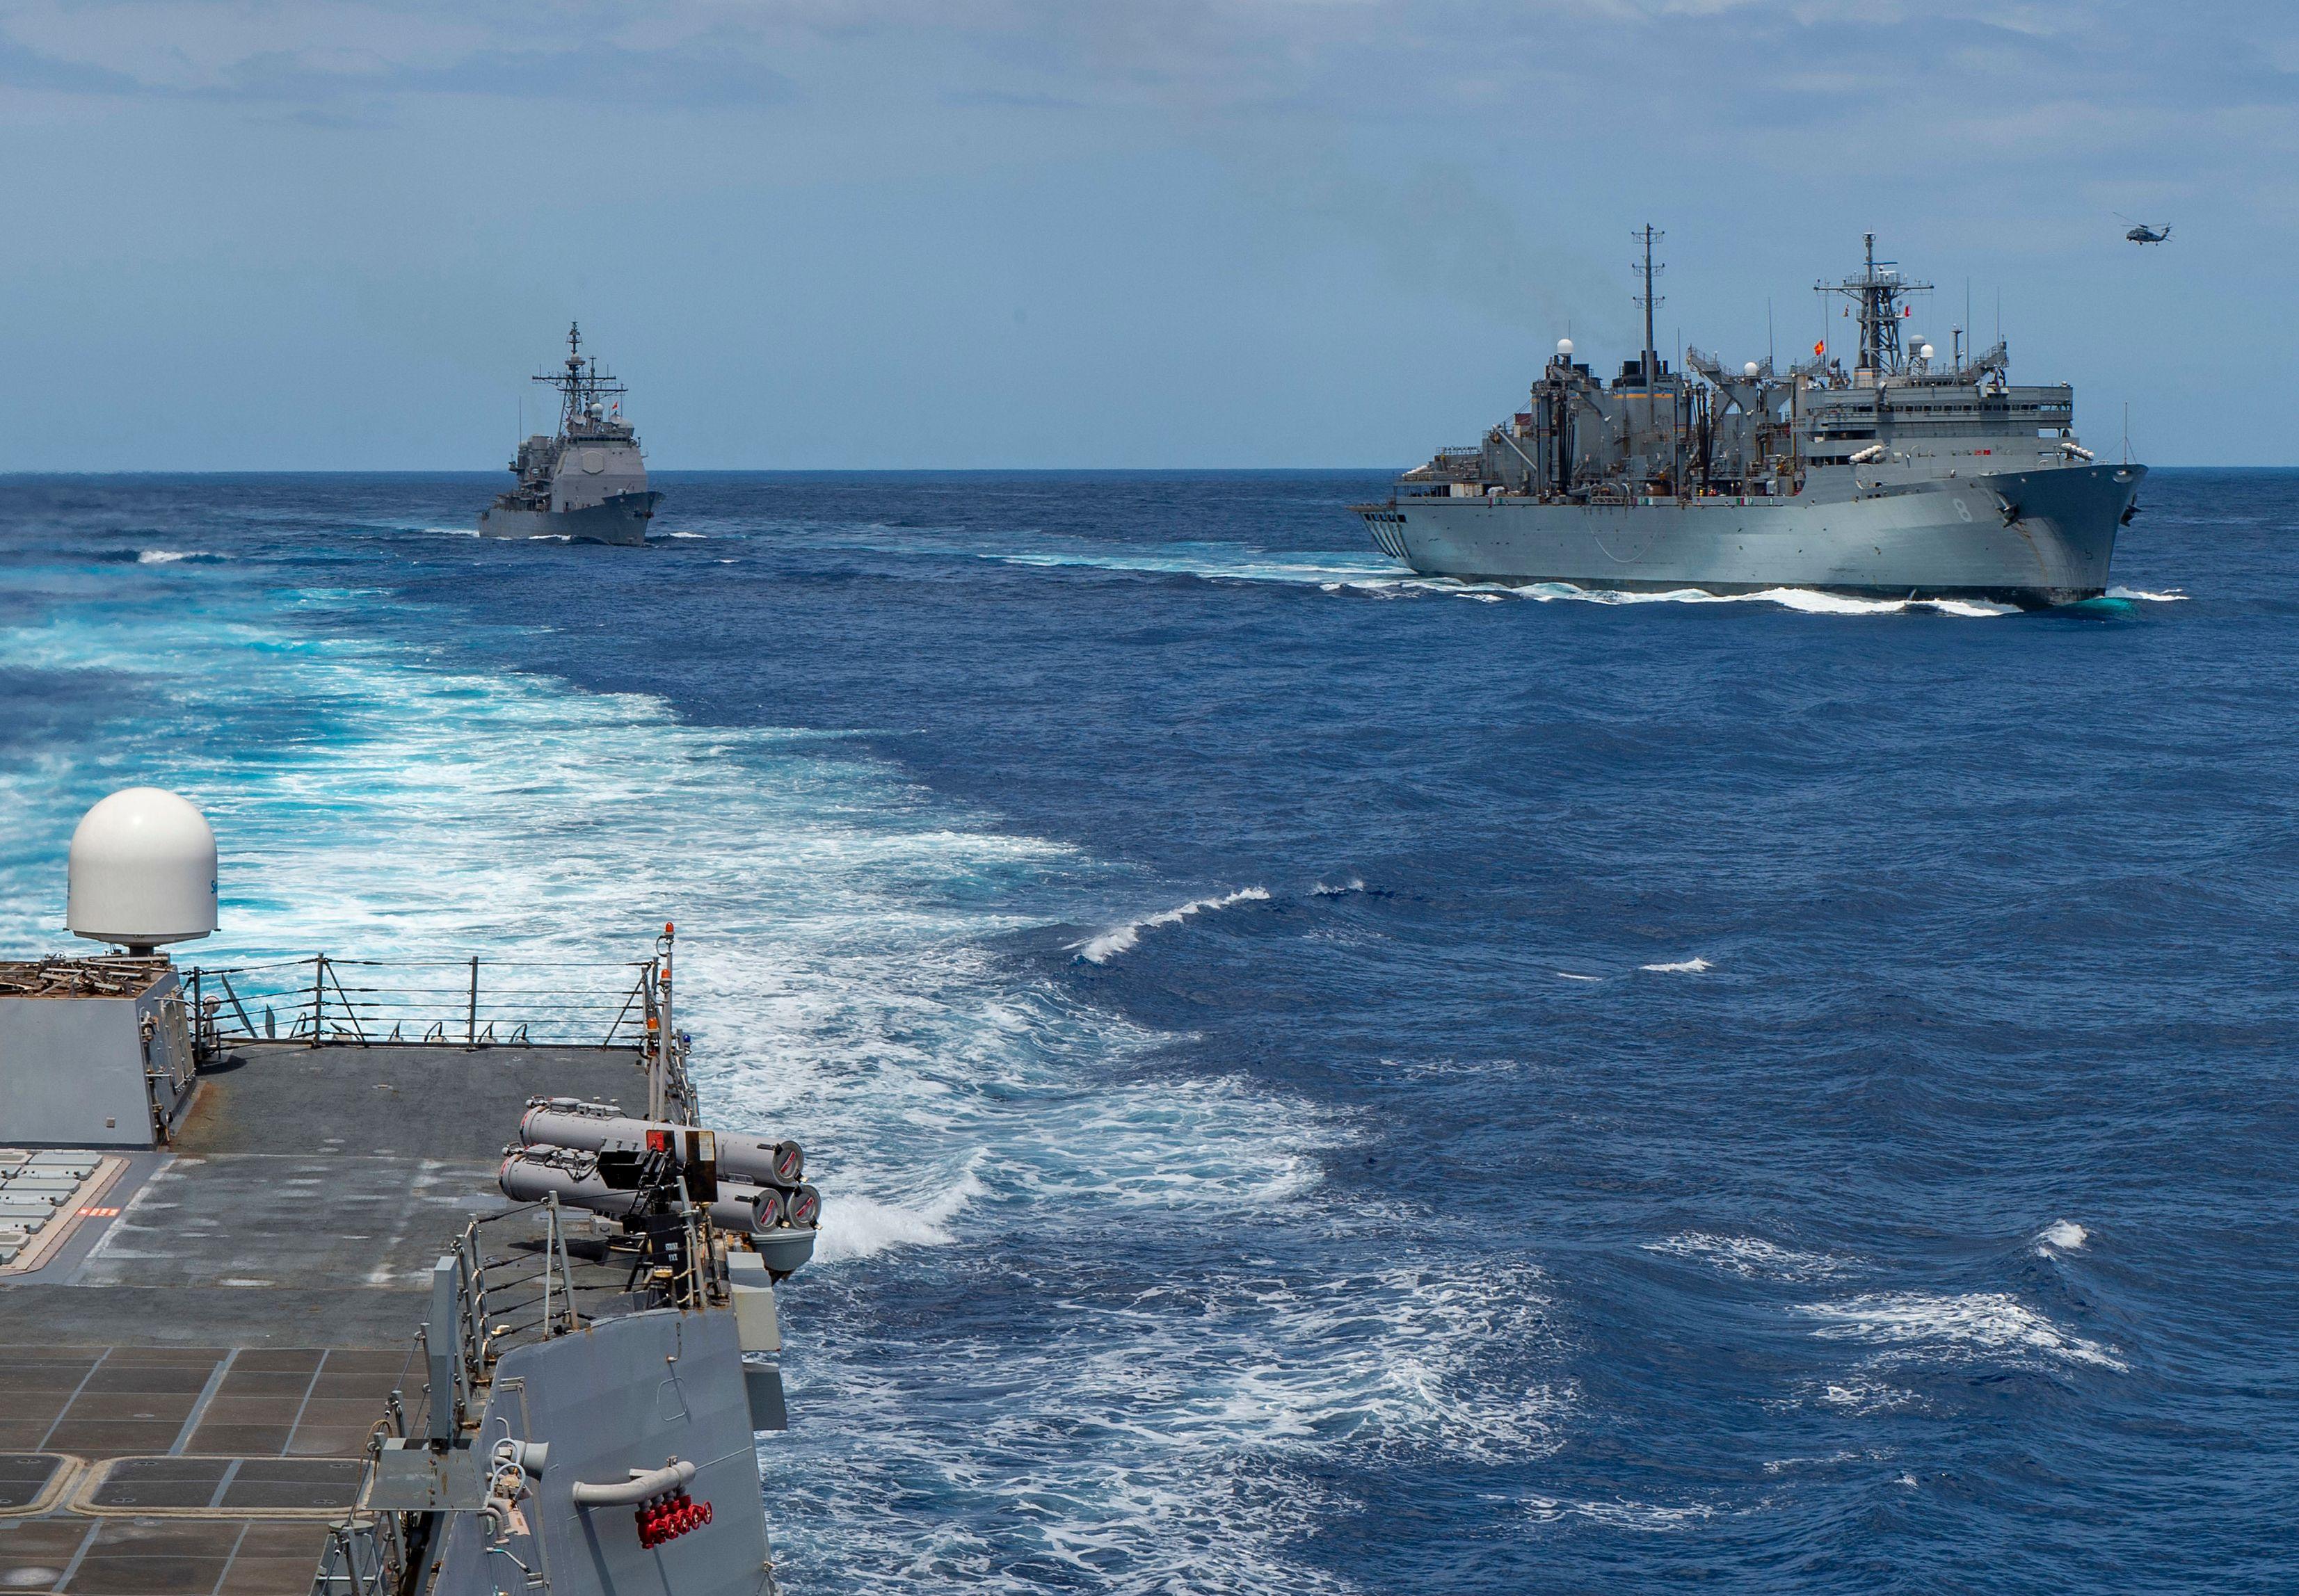 عكس وصول العديد من القطع العسكرية الأميركية إلى منطقة الخليج العربي إصرار واشنطن على مواجهة الاستفزازات الإيرانية في المنطقة (أ.ف.ب.)